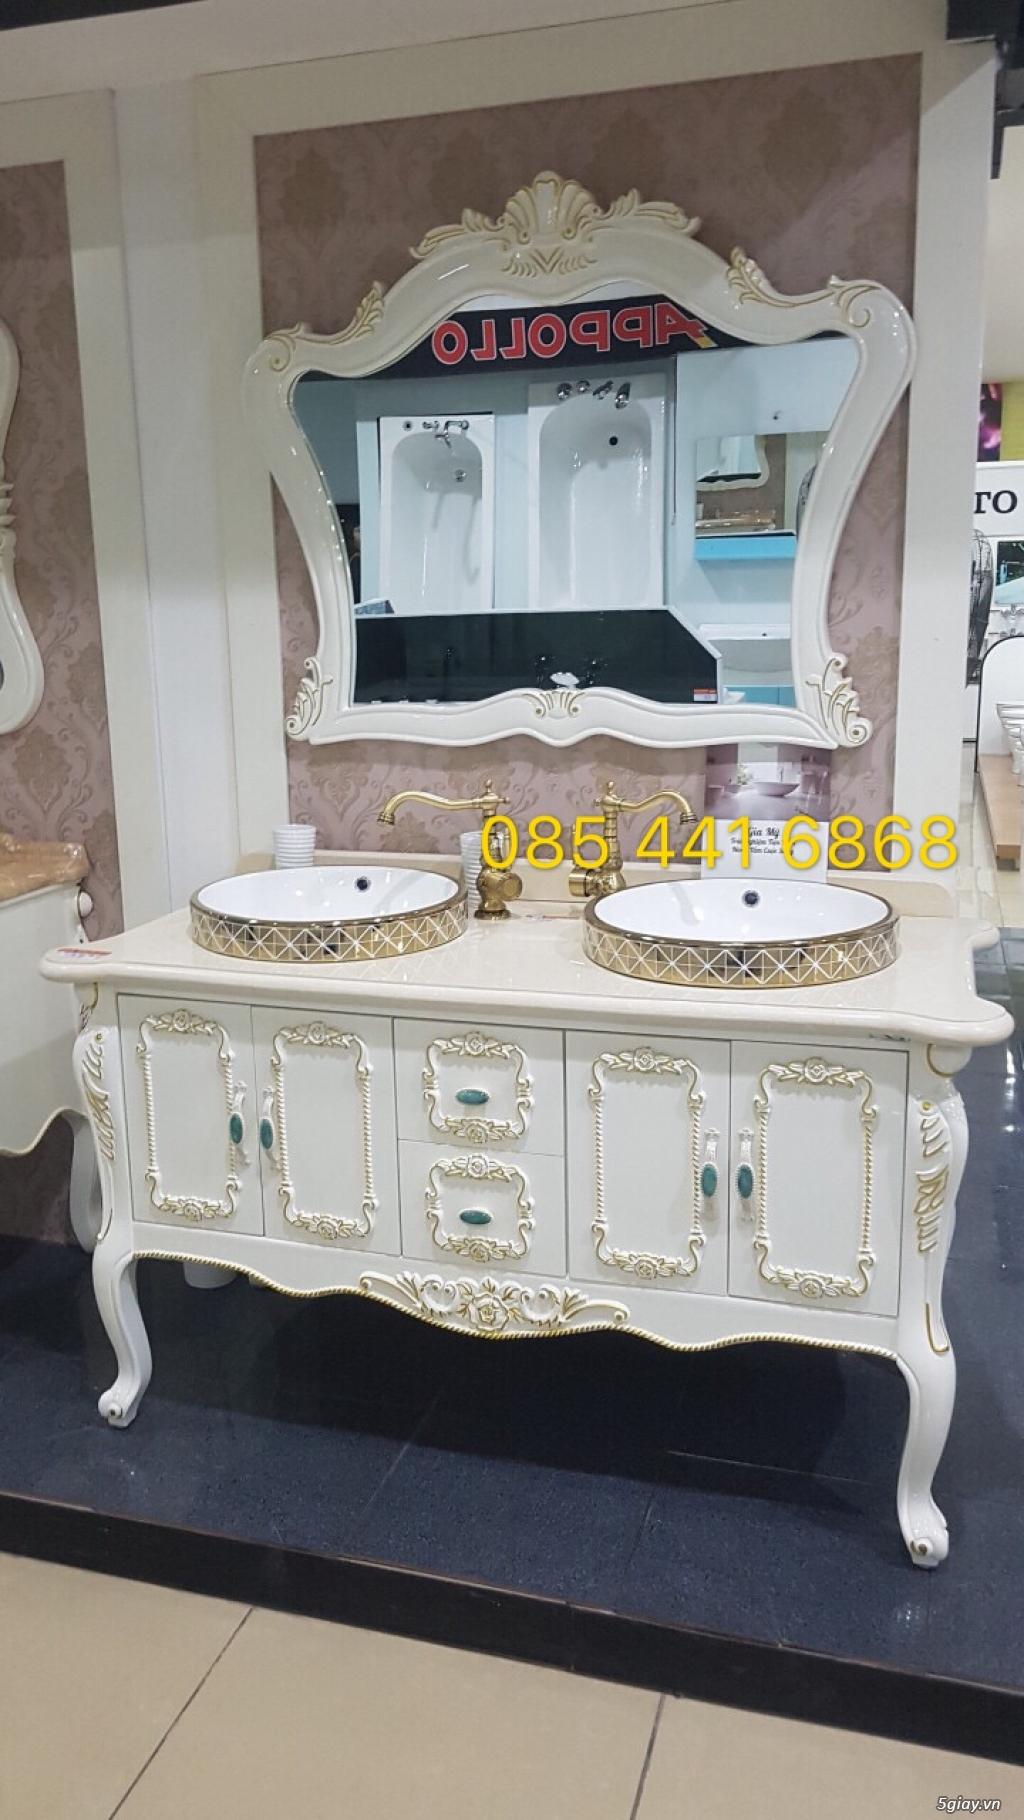 Bán tủ chậu lavabo tân cổ điển, hiện đại, tủ chậu mặt đá phòng tắm - 33